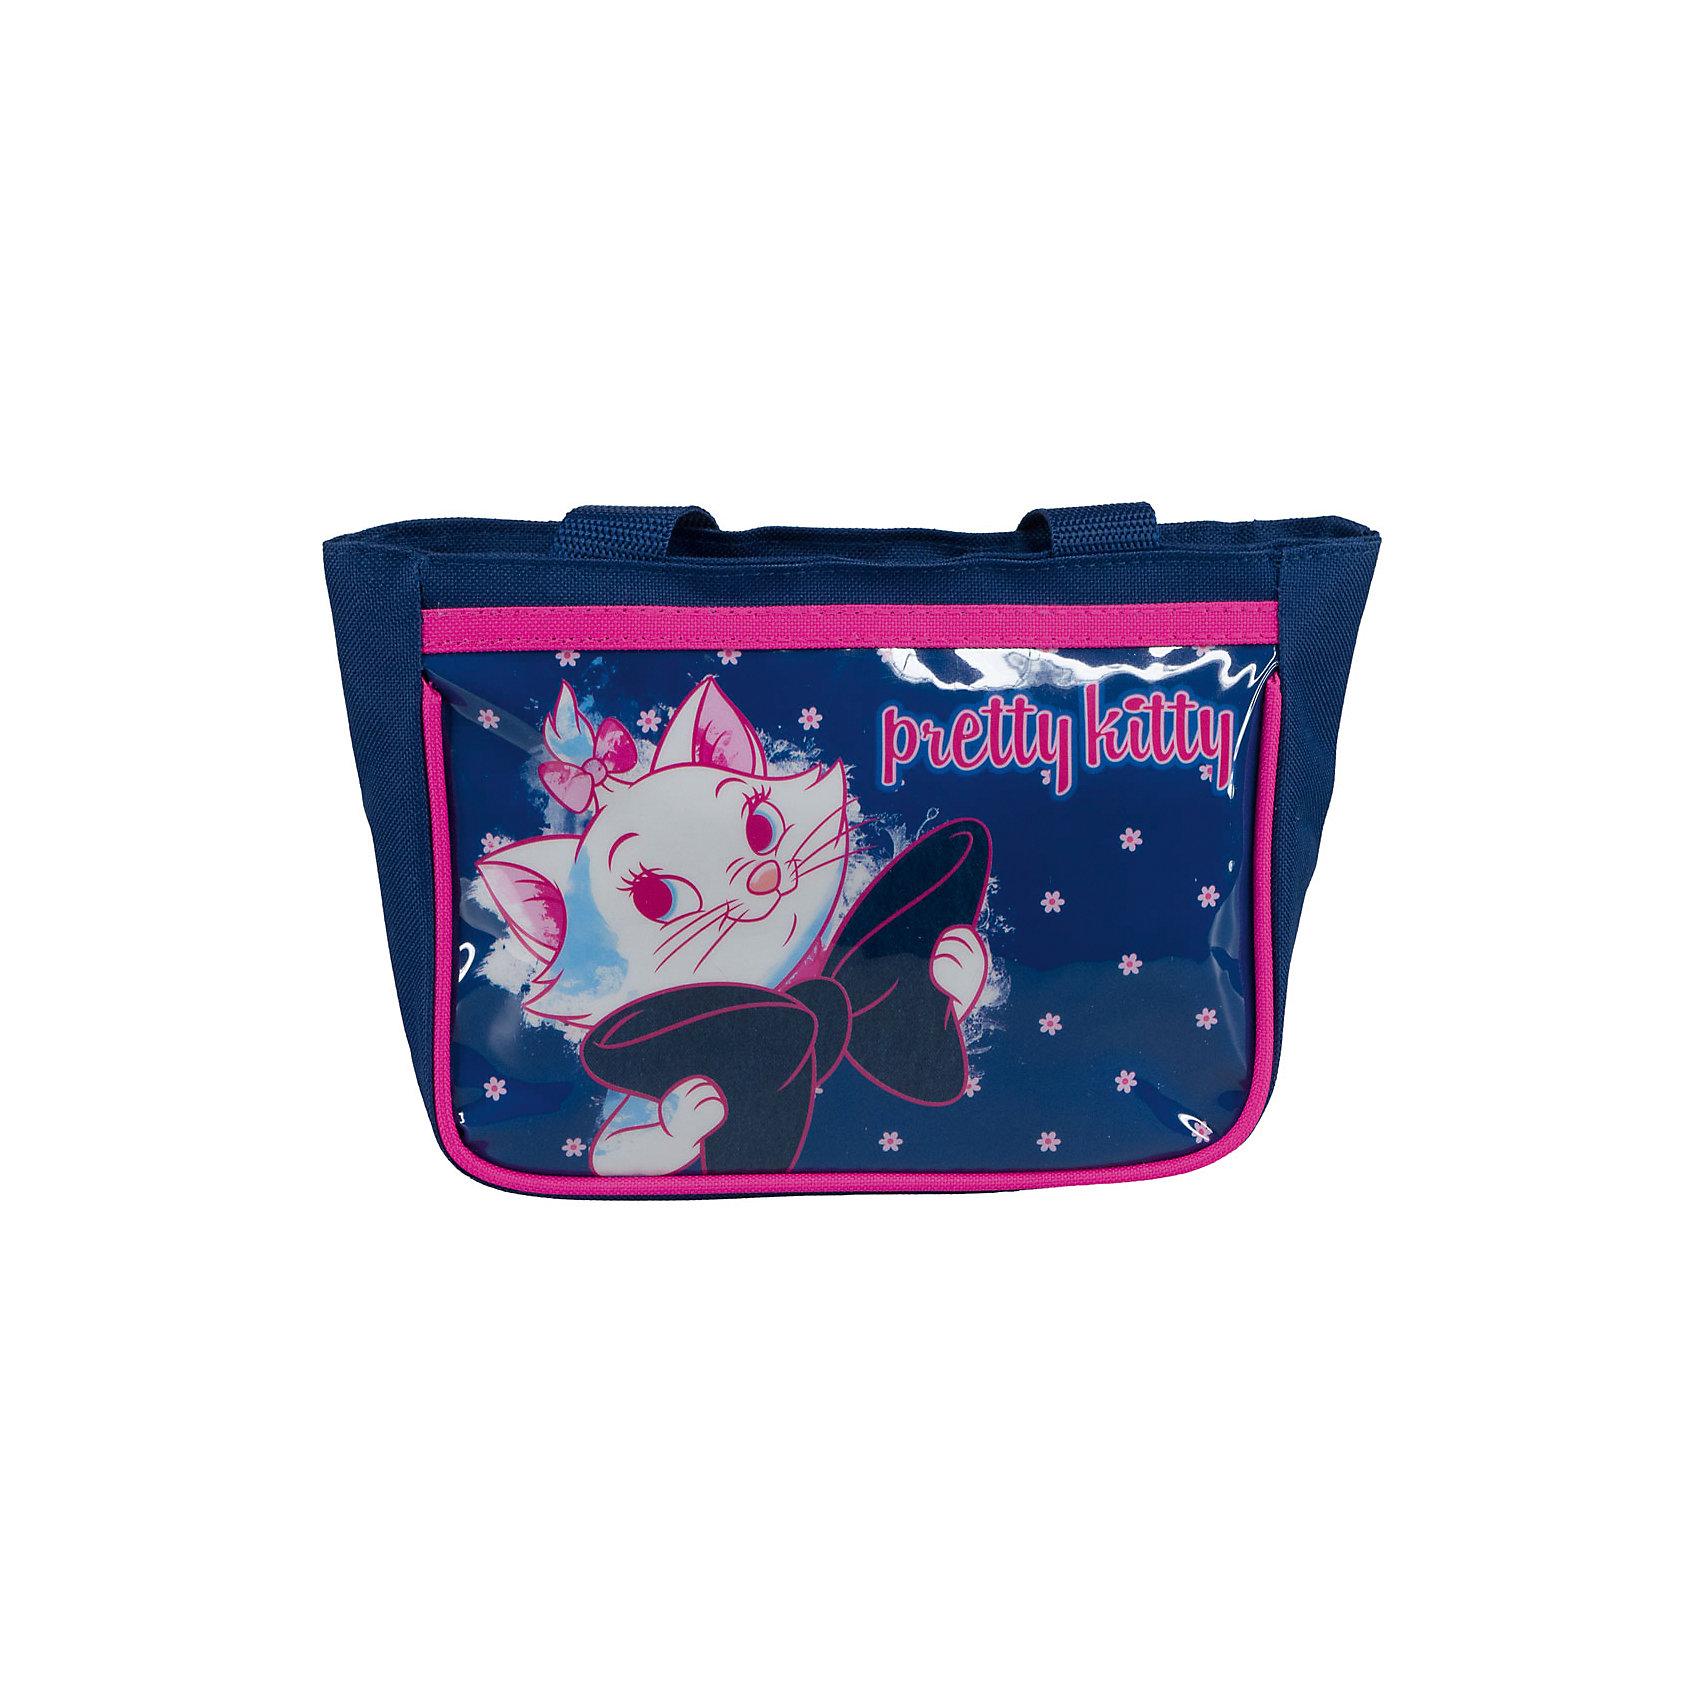 Сумка, Кошка МариДетские сумки<br>Стильная детская сумочка с изображением любимых героев, несомненно понравится Вашему ребенку. С ней можно отправиться на прогулку и взять с собой все самое необходимое. Сумка закрывается на молнию и снабжена удобной ручкой.<br><br>Дополнительная информация:<br><br>Одно отделение на молнии.<br>Размер 15 х 20 х 6 см.<br><br>Сумку Кошка Мари 15*20*6 см можно купить в нашем магазине.<br><br>Ширина мм: 150<br>Глубина мм: 200<br>Высота мм: 60<br>Вес г: 94<br>Возраст от месяцев: 96<br>Возраст до месяцев: 108<br>Пол: Женский<br>Возраст: Детский<br>SKU: 4140993